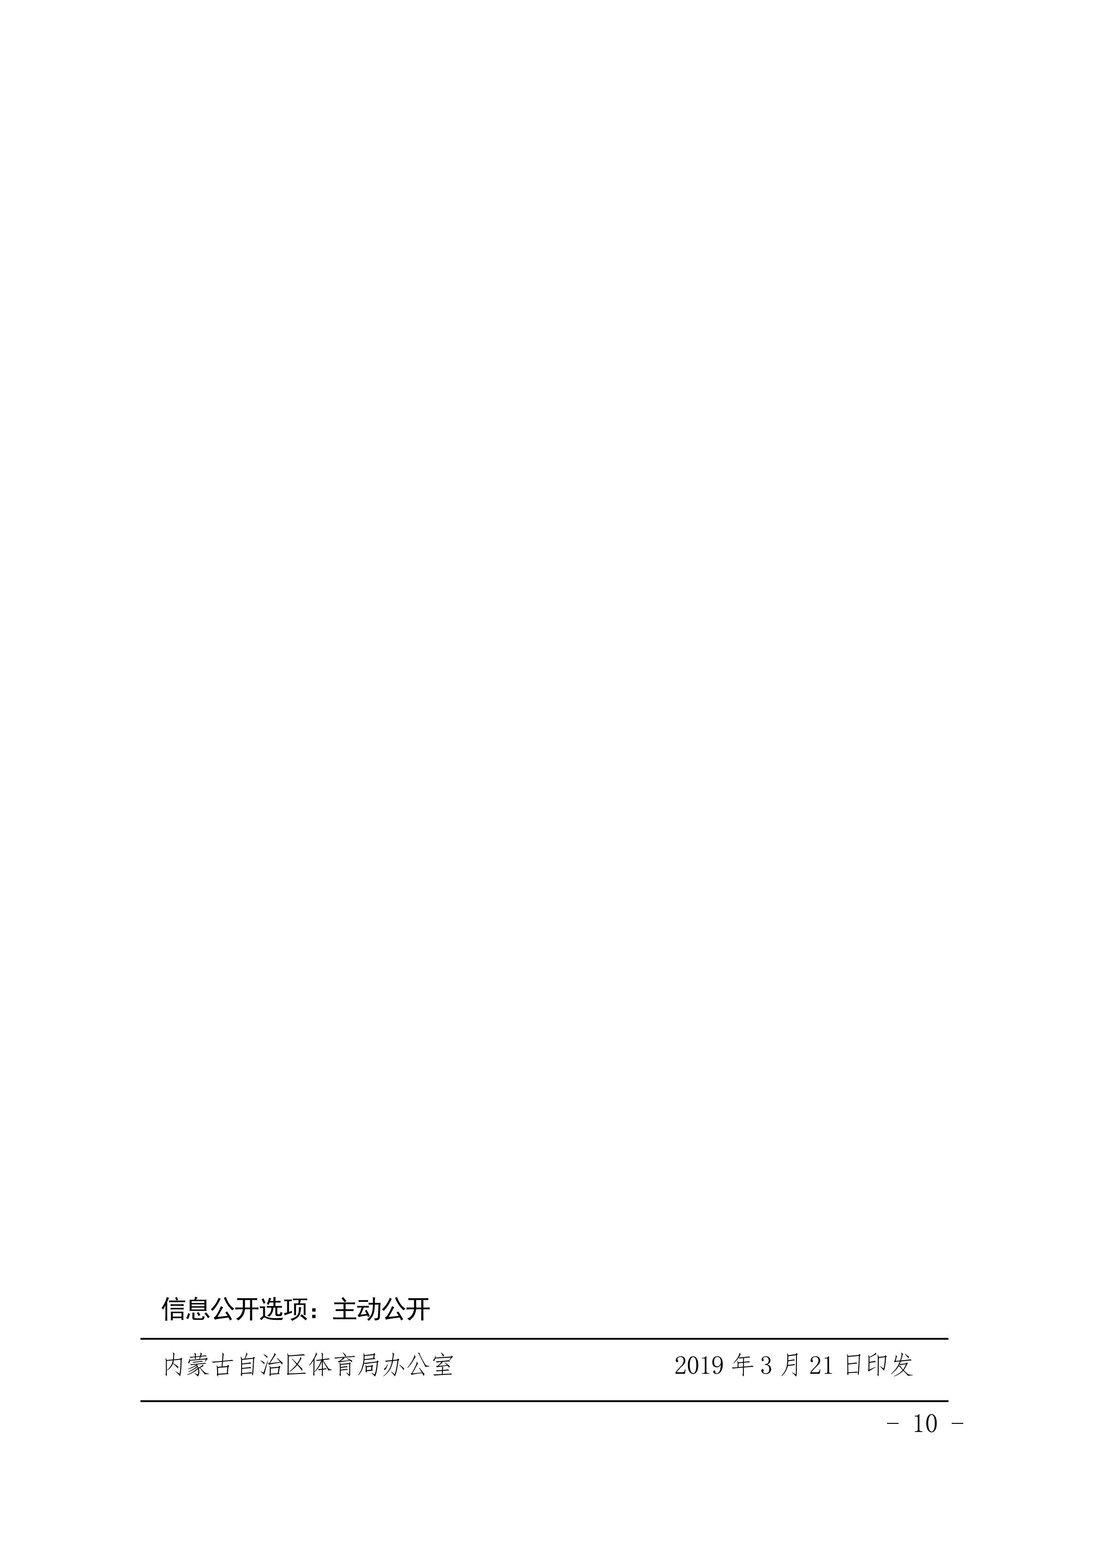 第五届网球公开赛竞赛规程_09.jpg